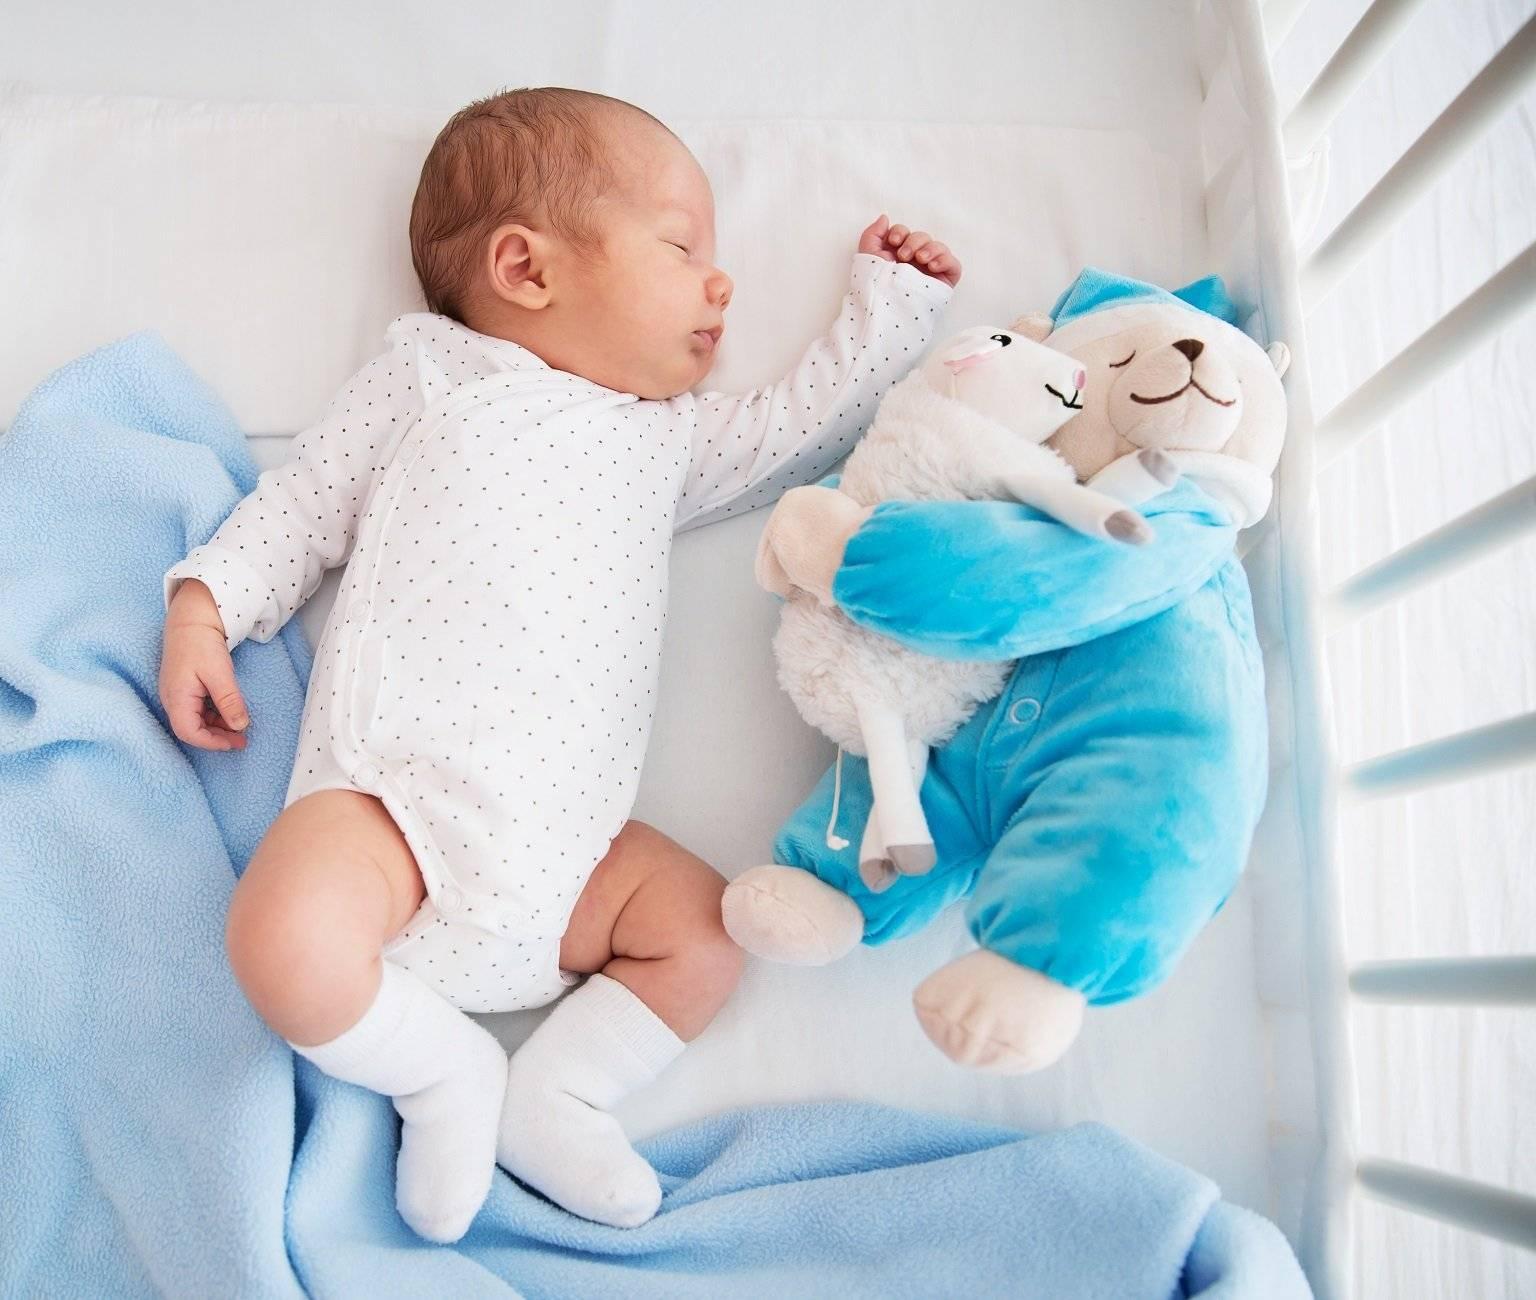 Как избежать докорма смесью, если ребенок плохо набирает вес? - запись пользователя евгения (id1943209) в сообществе грудное вскармливание в категории переход с св на гв, как сохранить гв при св - babyblog.ru